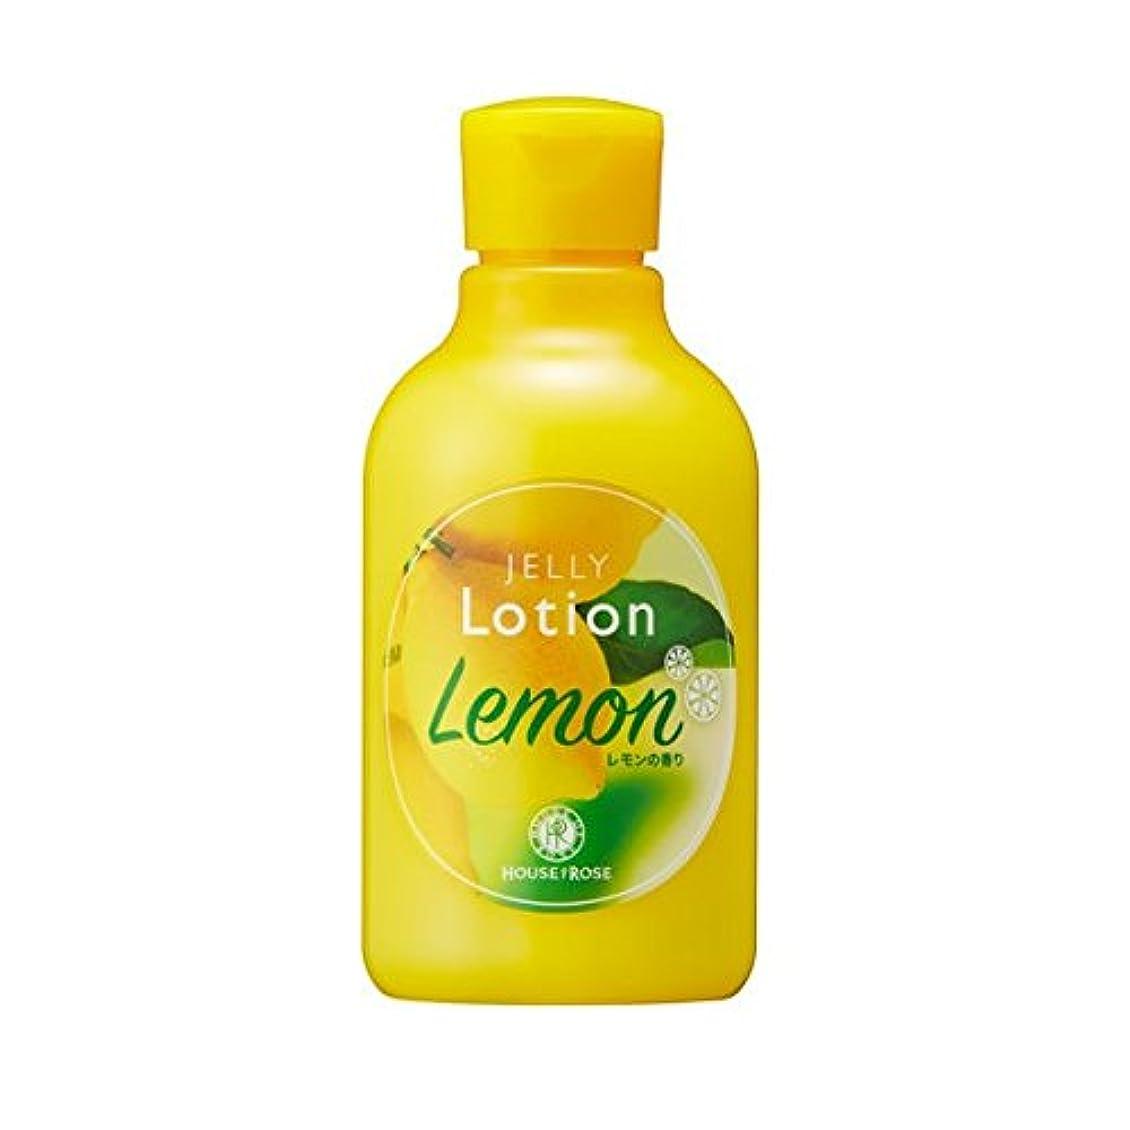 報酬の人道的喉頭HOUSE OF ROSE(ハウスオブローゼ) ハウスオブローゼ/ジェリーローション LM(レモンの香り)200mL